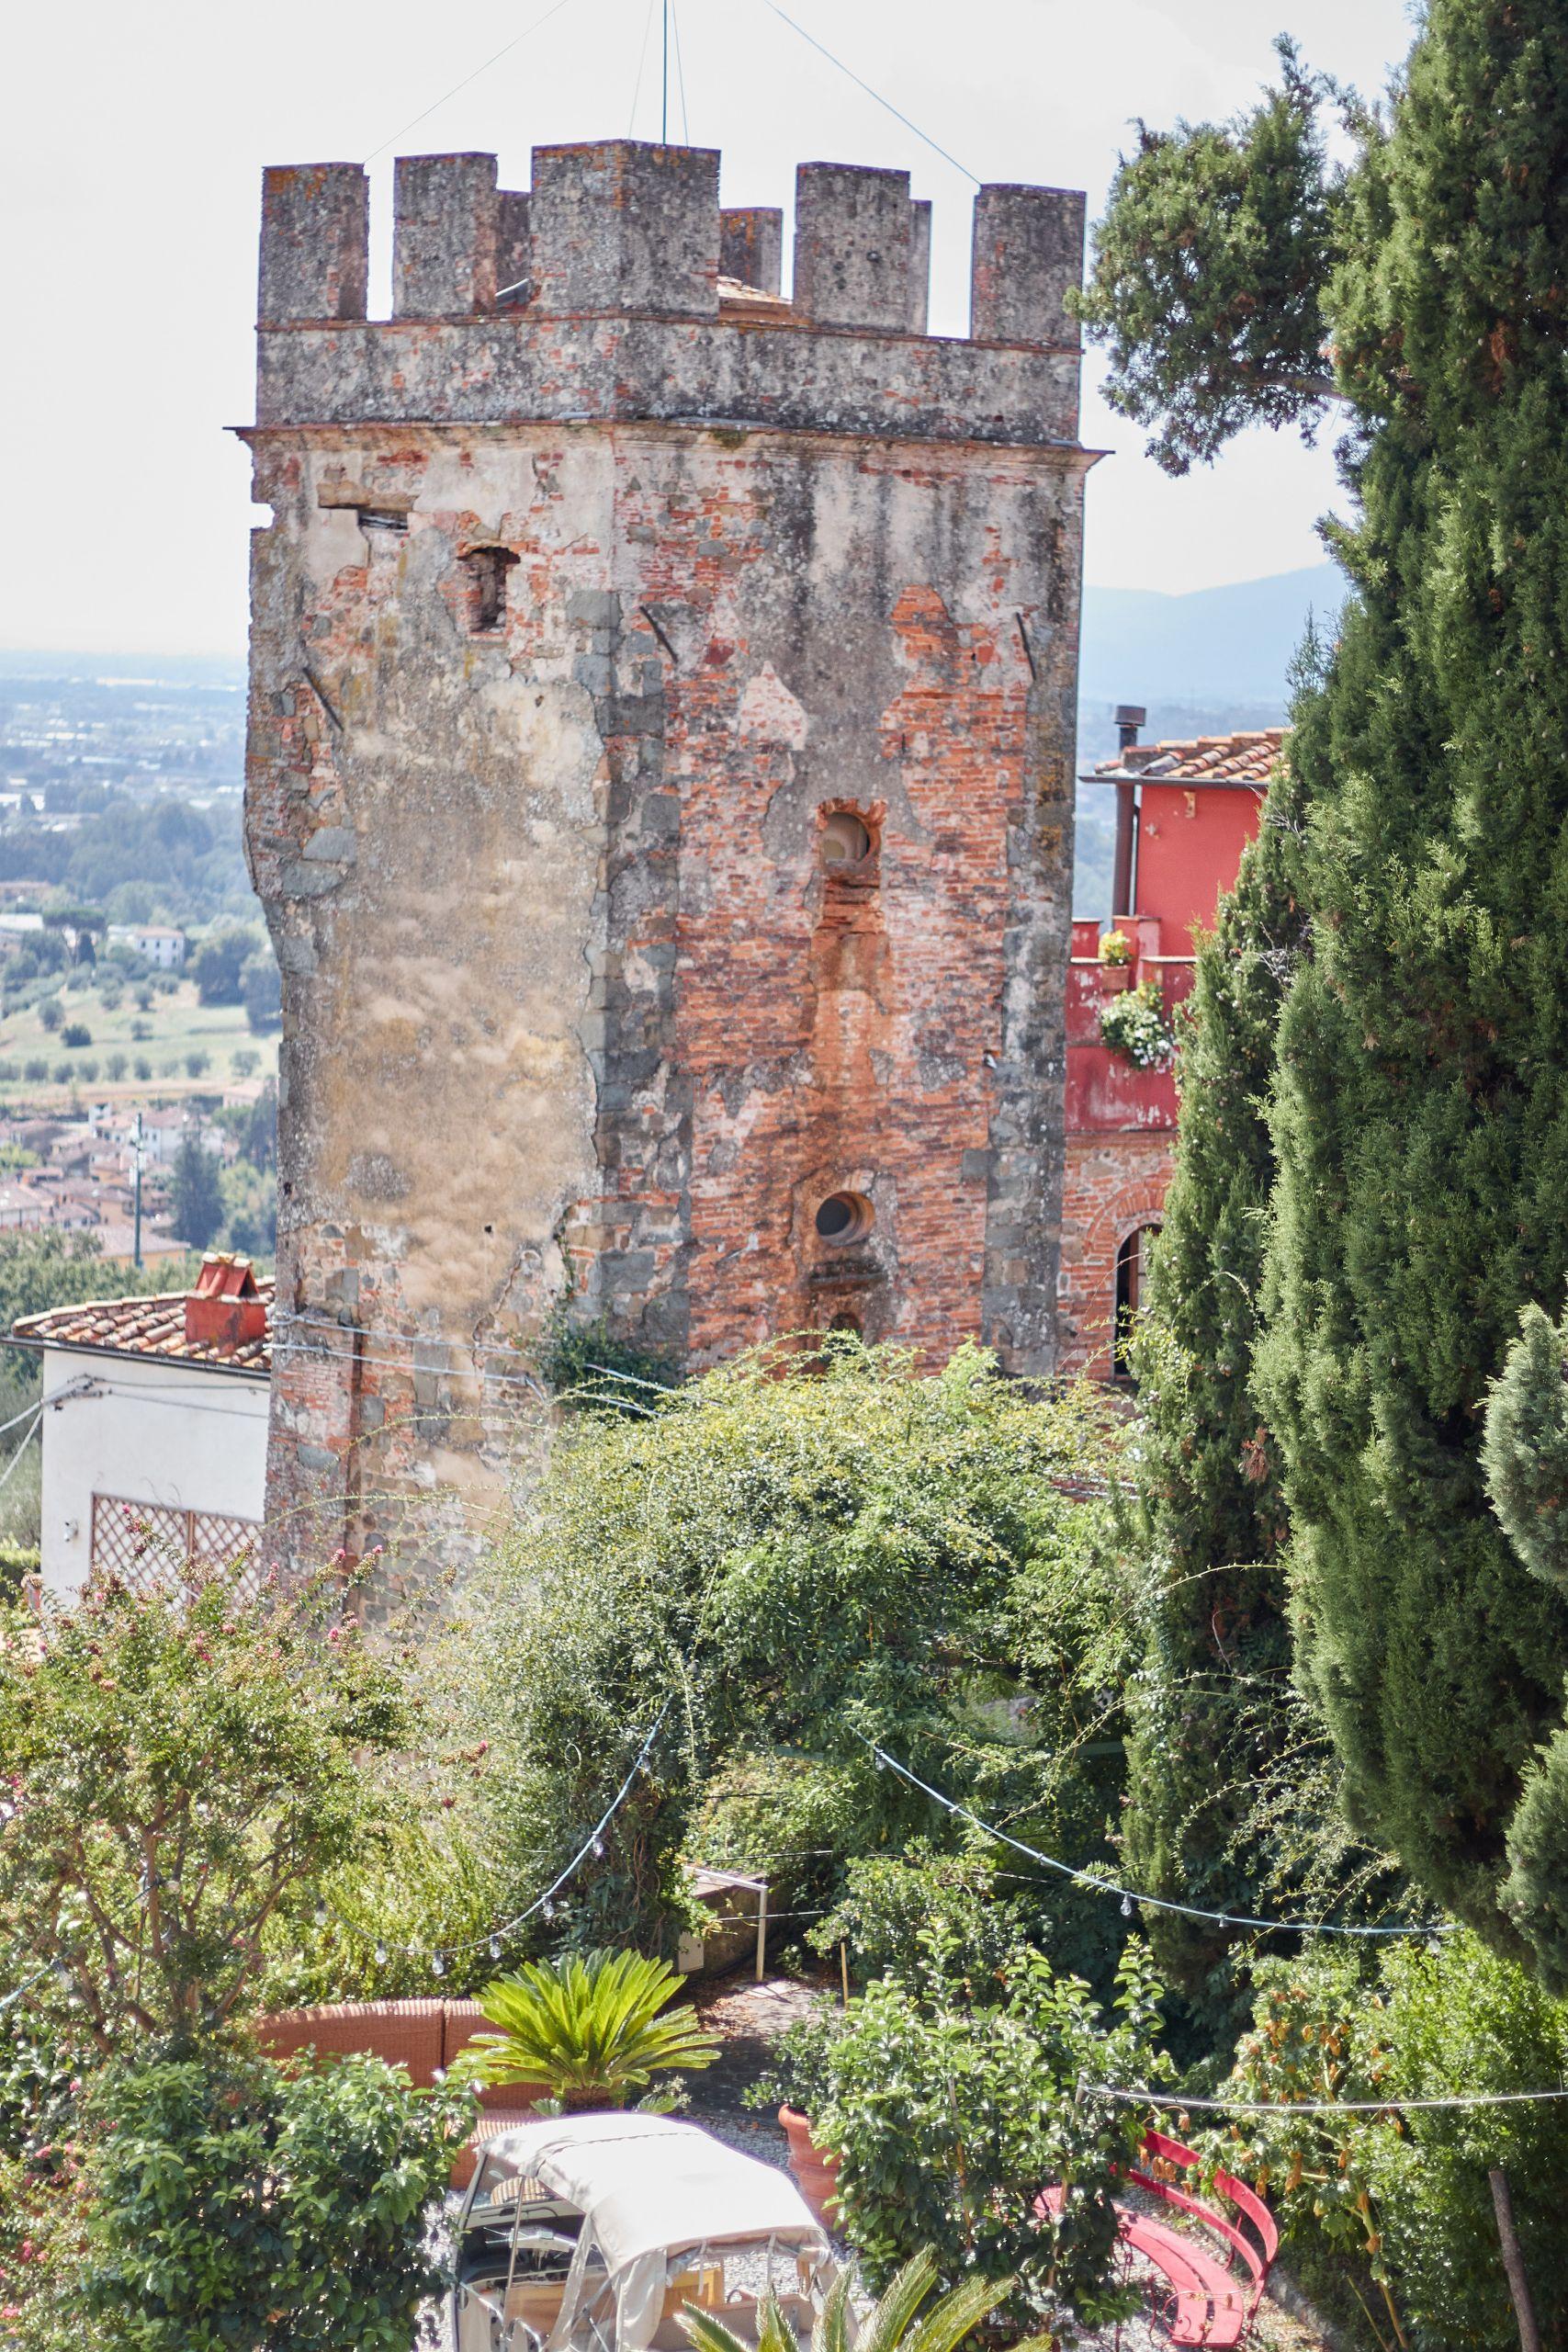 Dachterrasse der Villa Sermolli als Stop vom Toskana Roadtrip